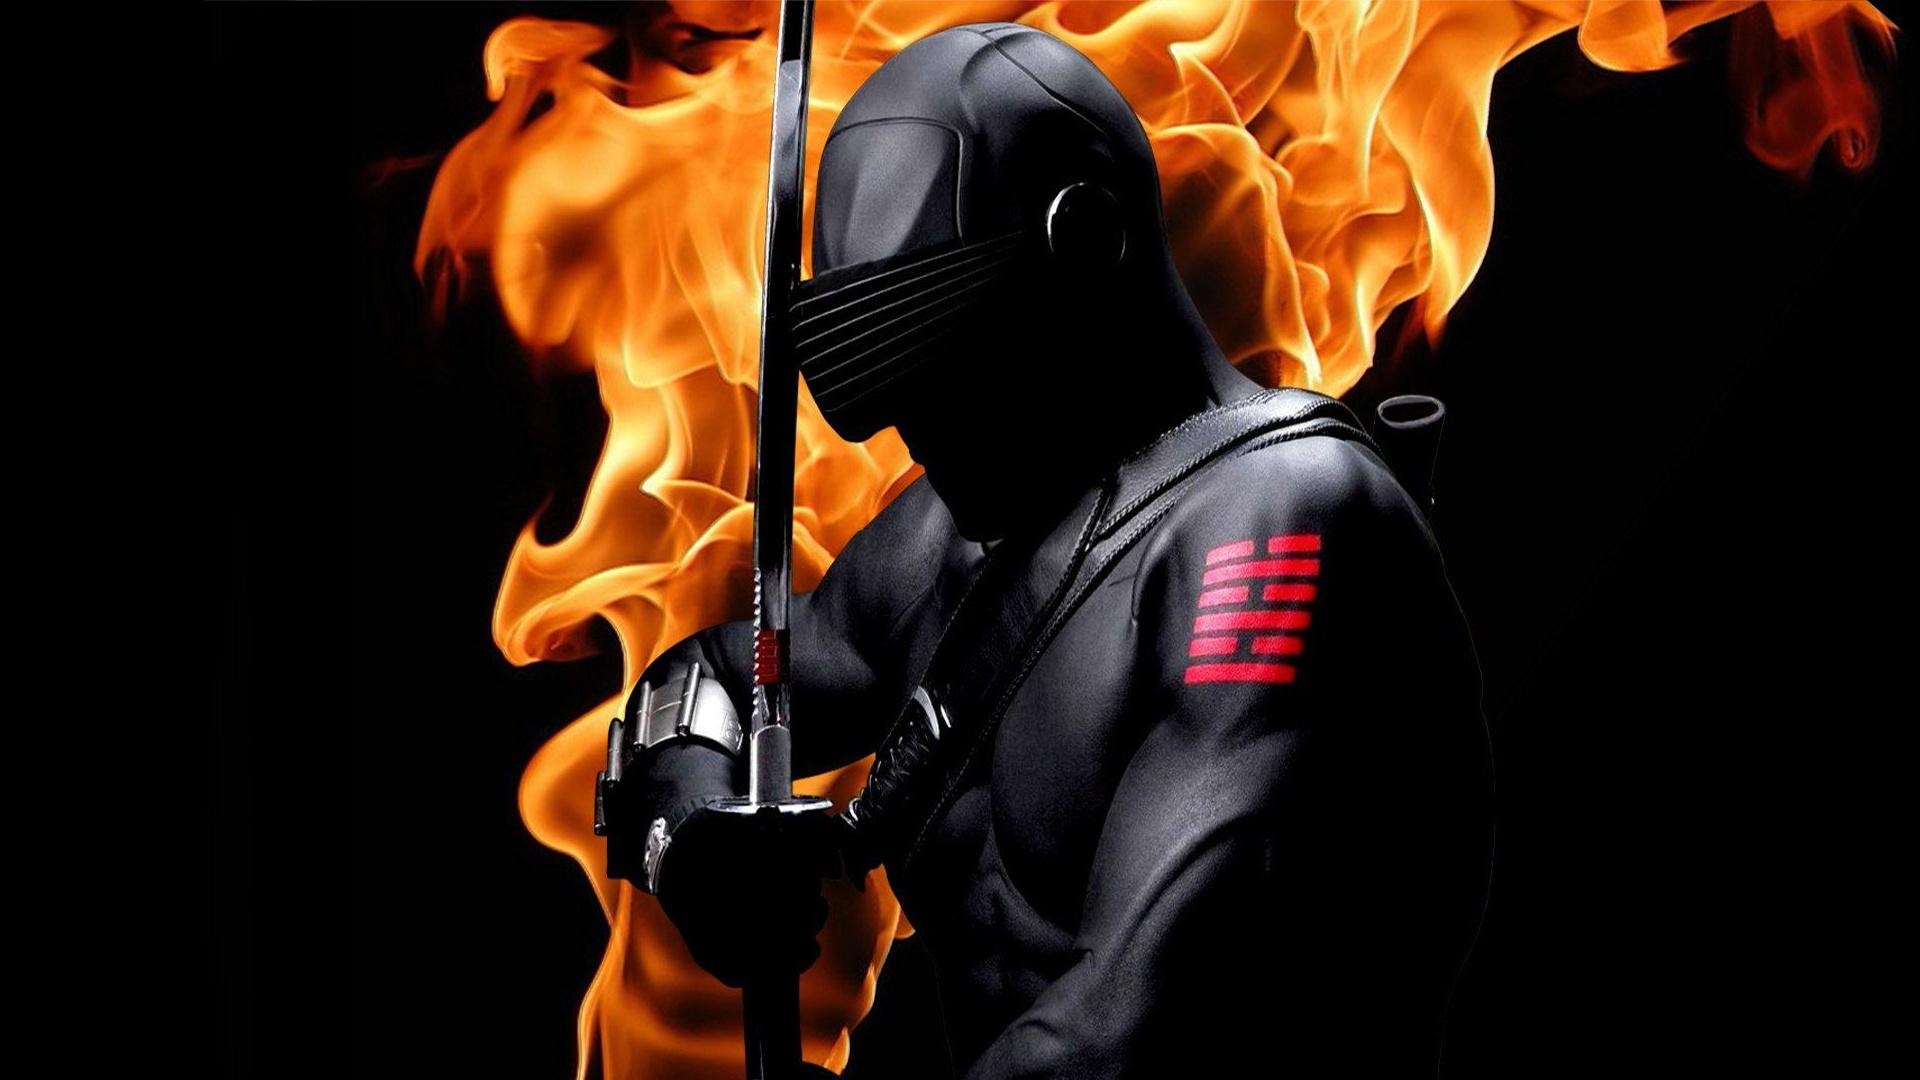 Burning ninja